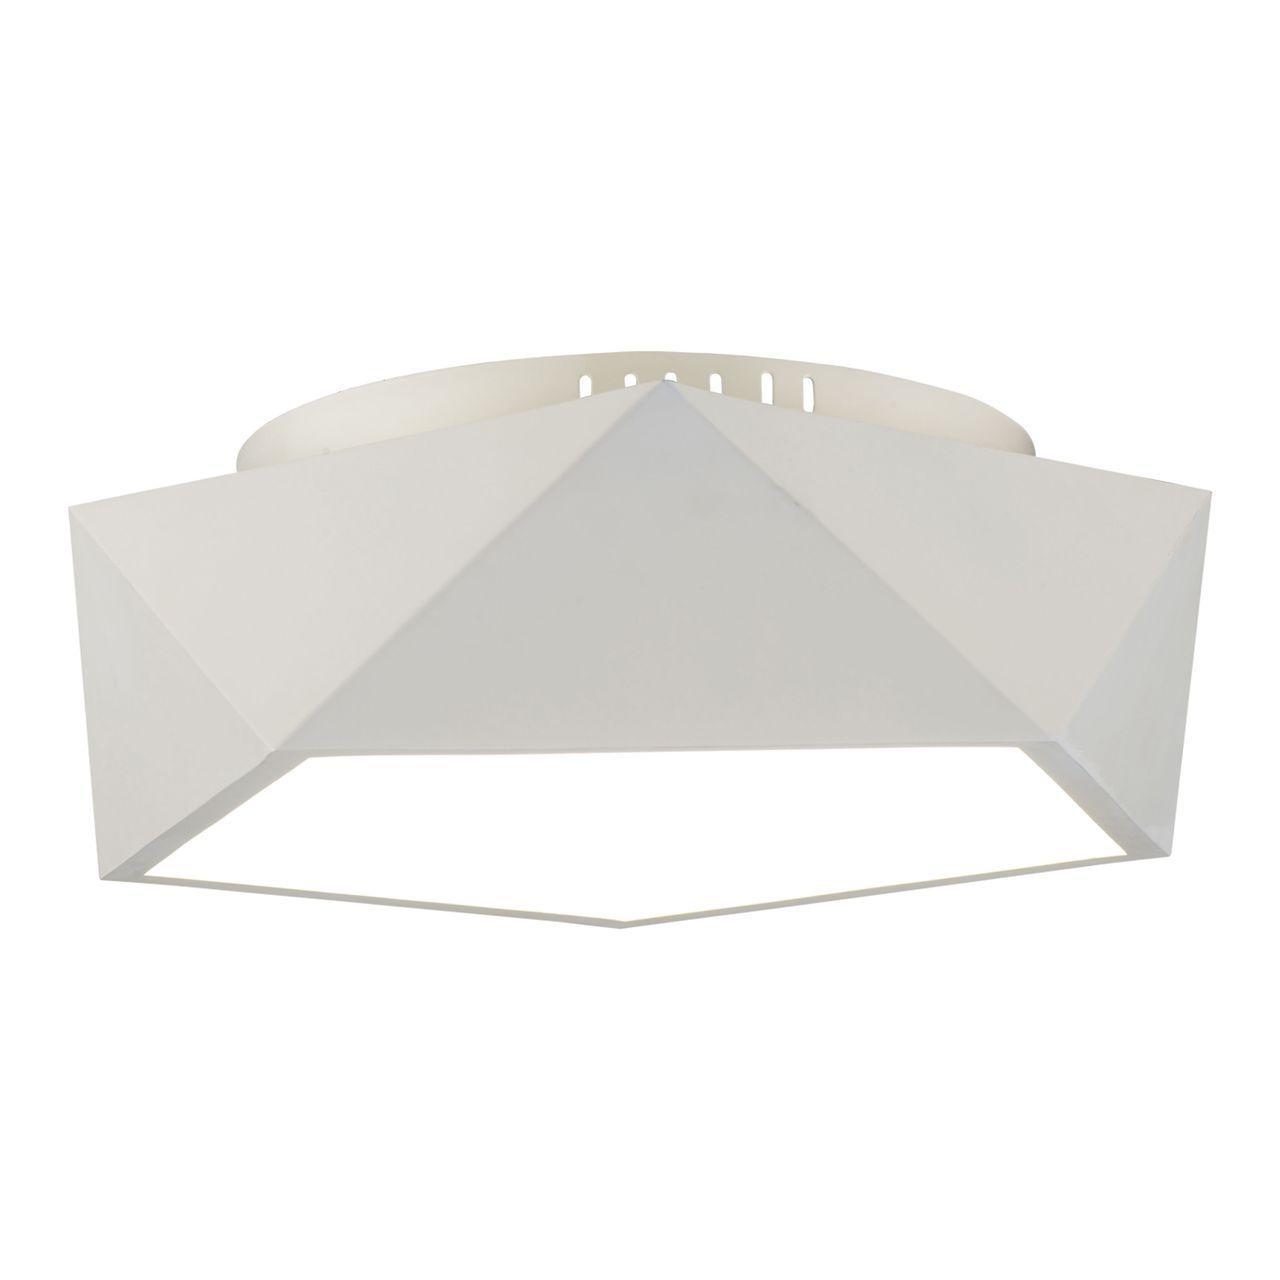 Фото - Потолочный светодиодный светильник Spot Light Arca 1193102 потолочный светодиодный светильник spot light 4723502